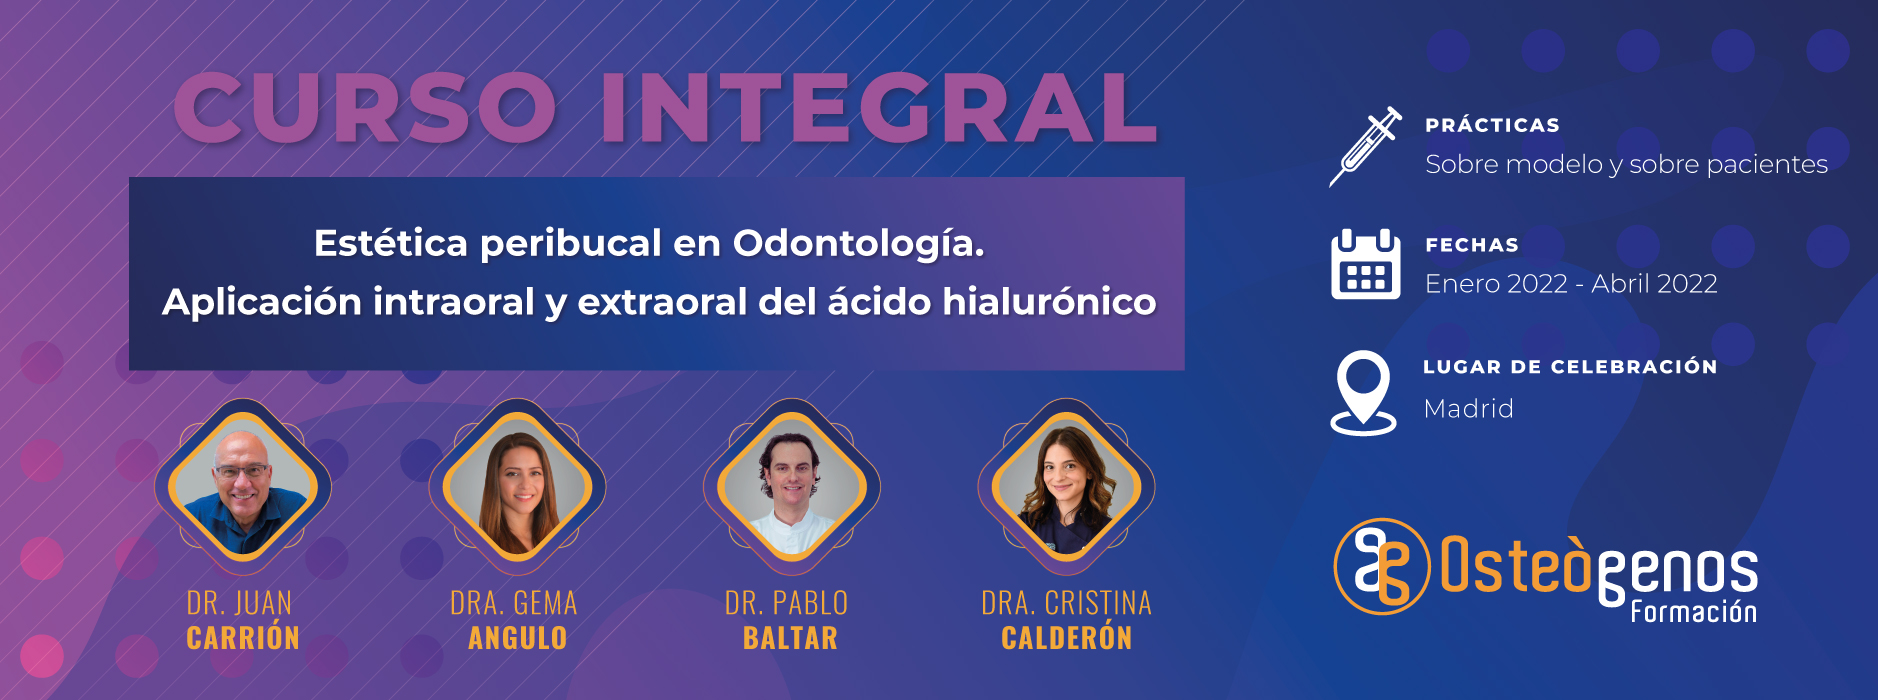 curso integral de estética peribucal en Odontología Osteógenos